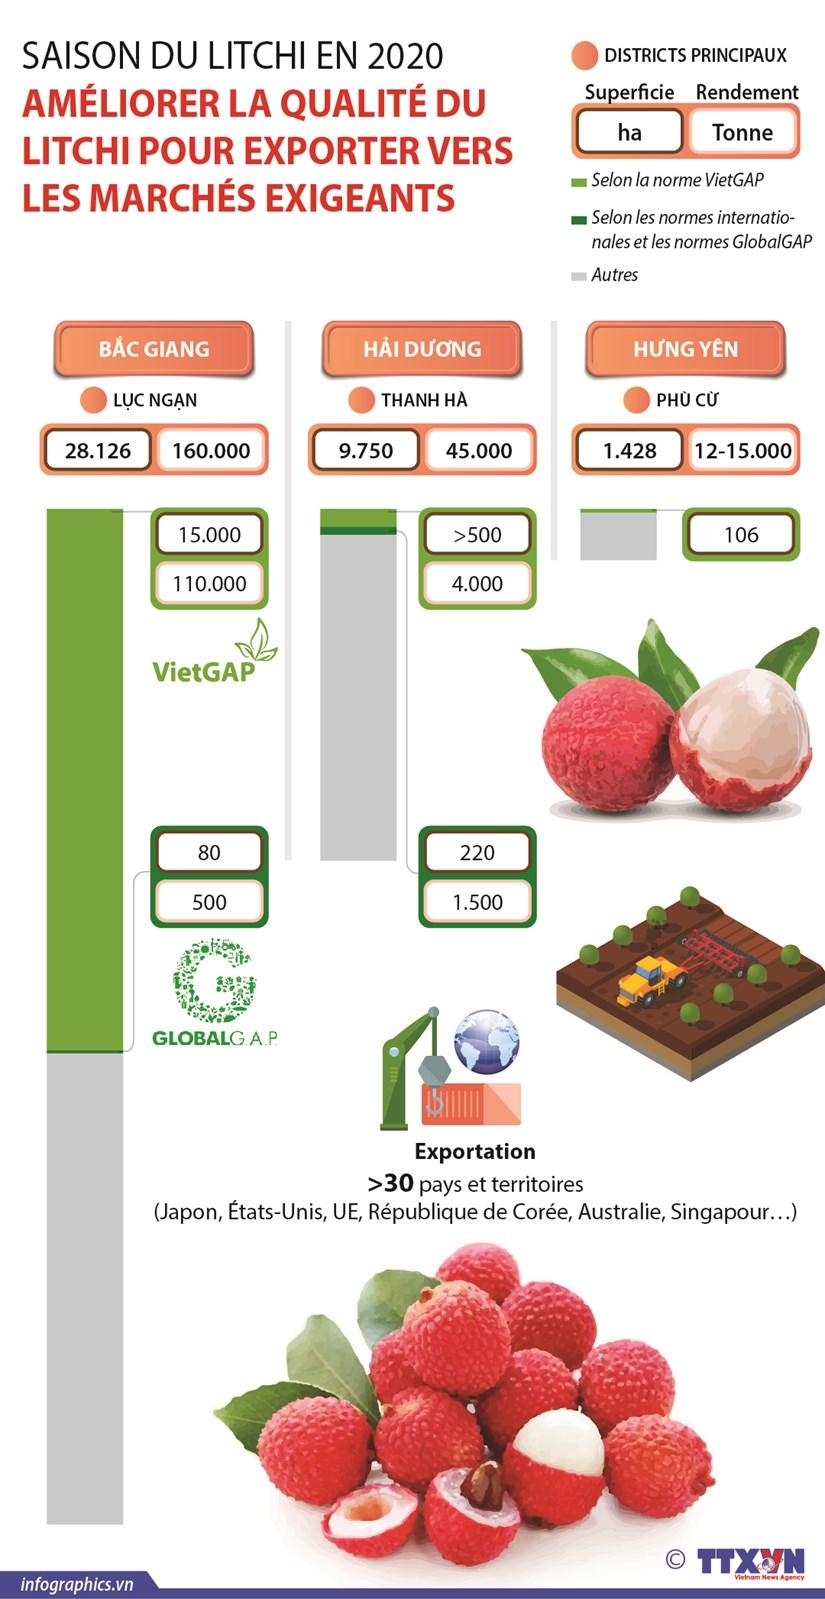 Ameliorer la qualite du litchi pour exporter vers les marches exigeants hinh anh 1